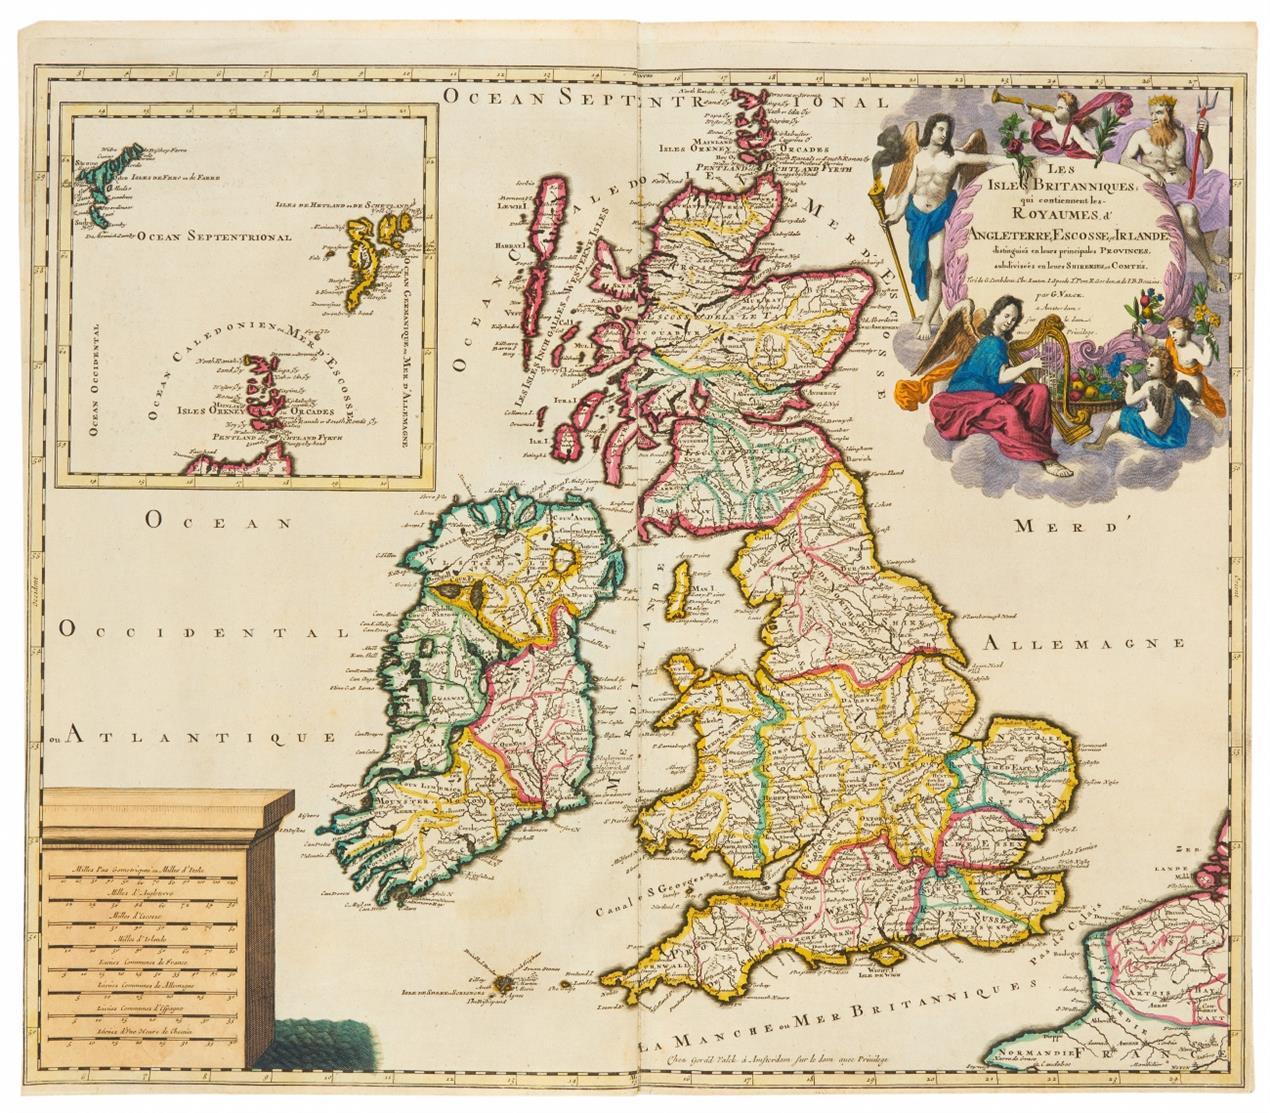 Britische Inseln. 3 kolorierte Kupferstichkarten bei Janssonius, Valck, de Wit. / dazu: Parade im St. James's Park, London. Kolor. Radierung v. Maurer, 1752.